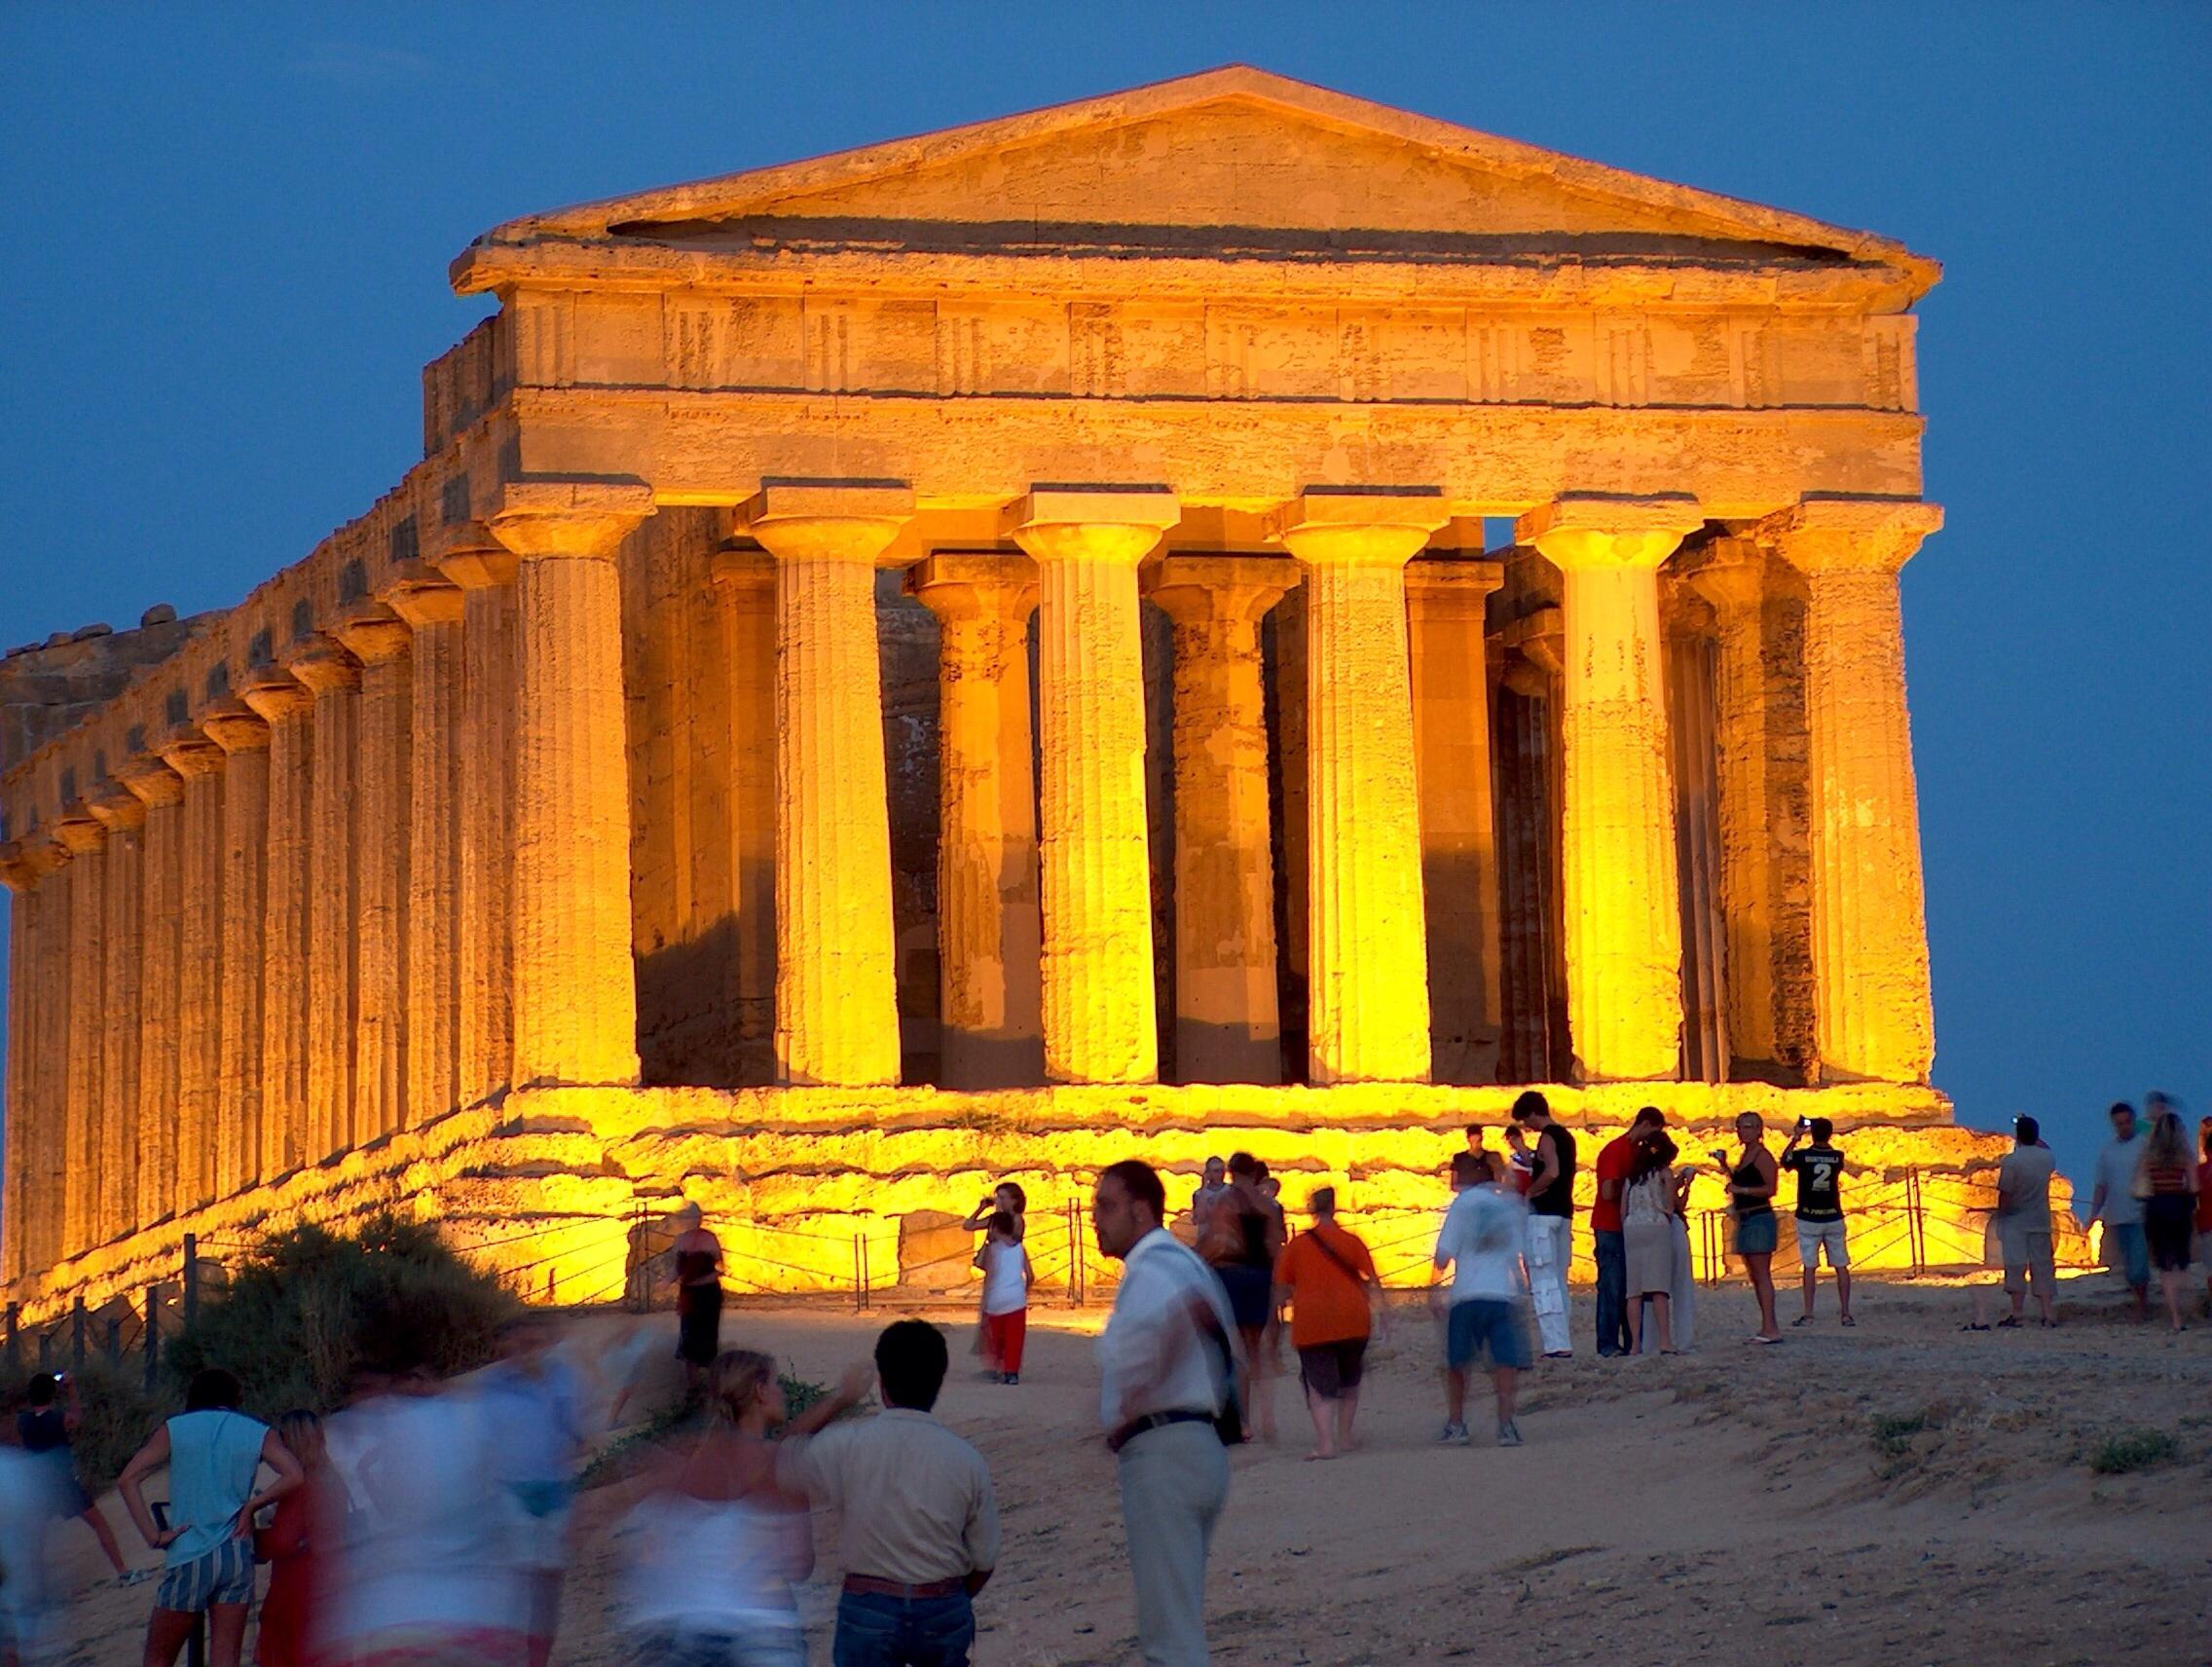 Valle dei Templi: prolungati gli orari per la visita notturna